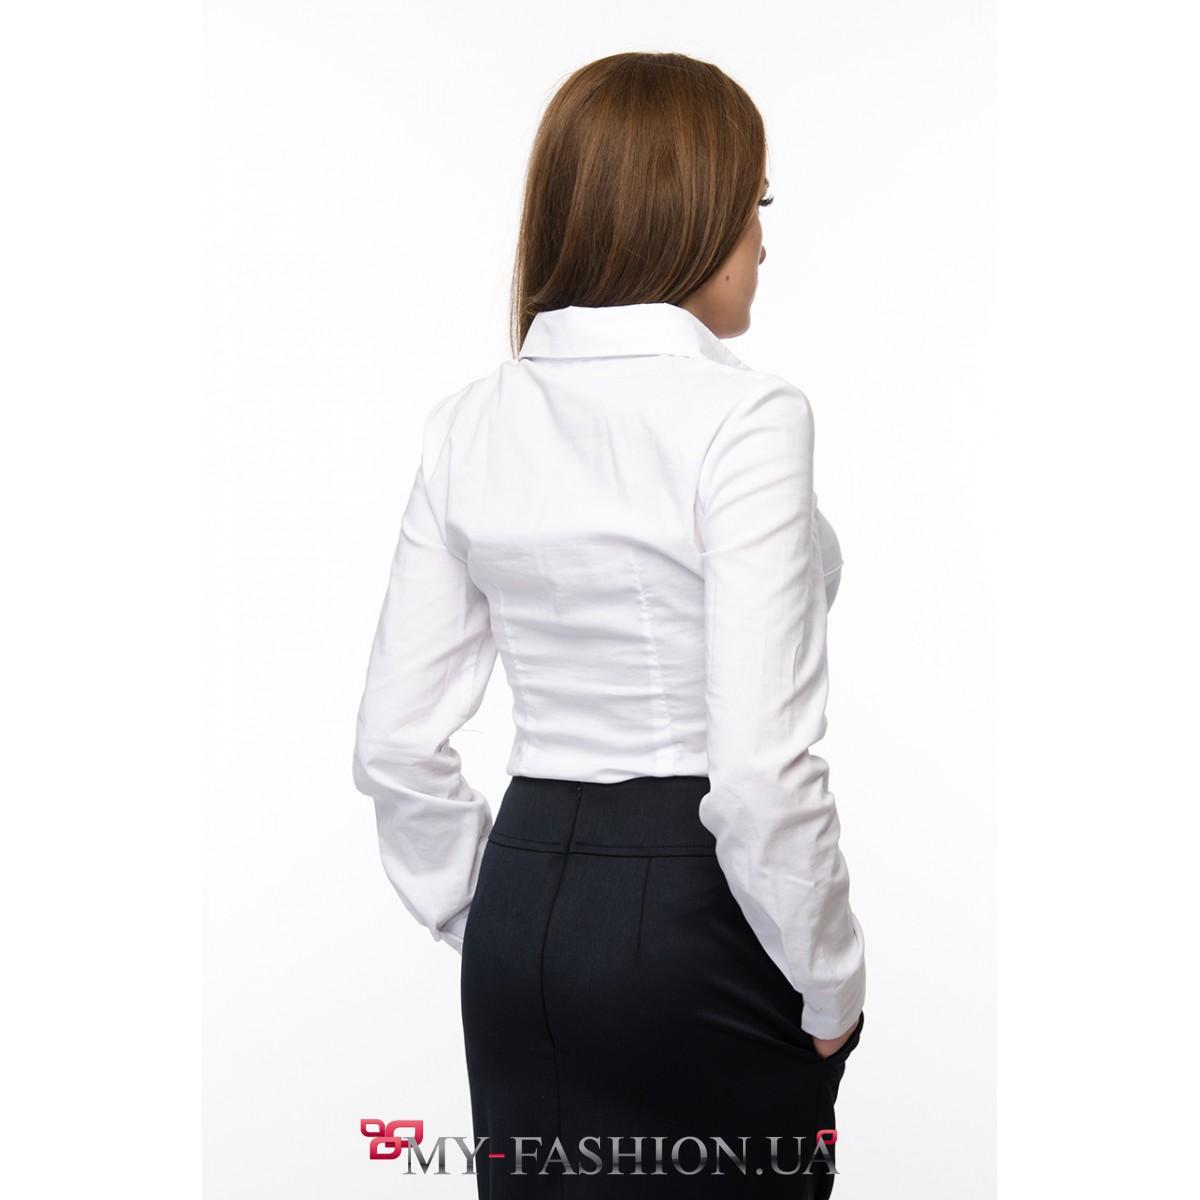 Купить недорогую блузку